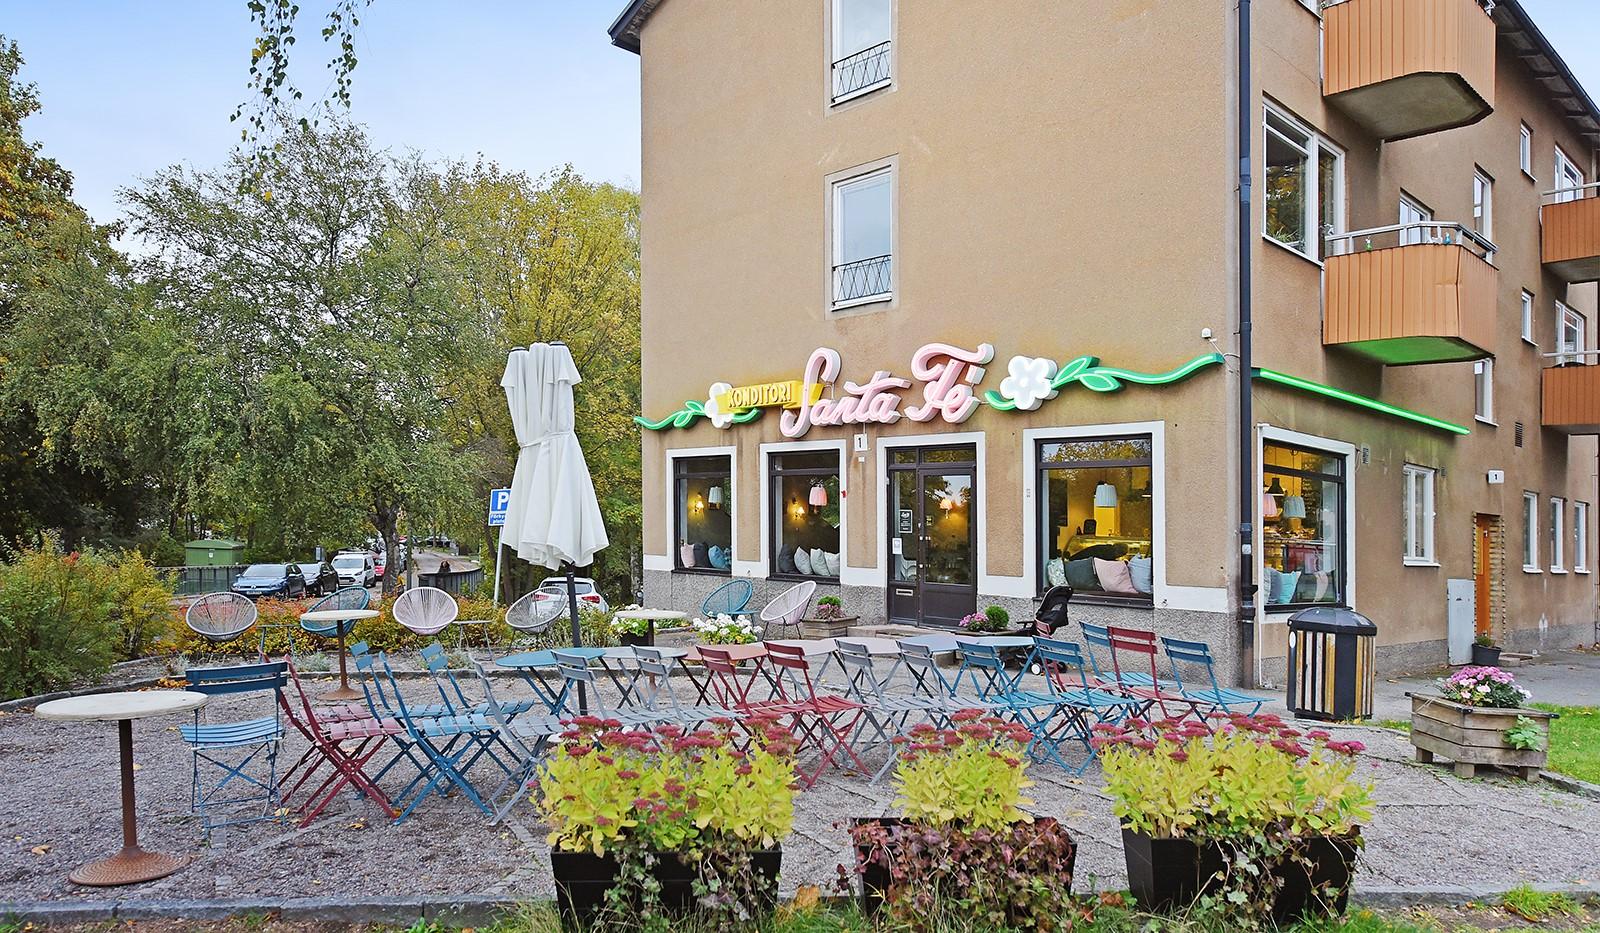 Arkövägen 27 - Ett stenkast bort ligger ett trevlig café